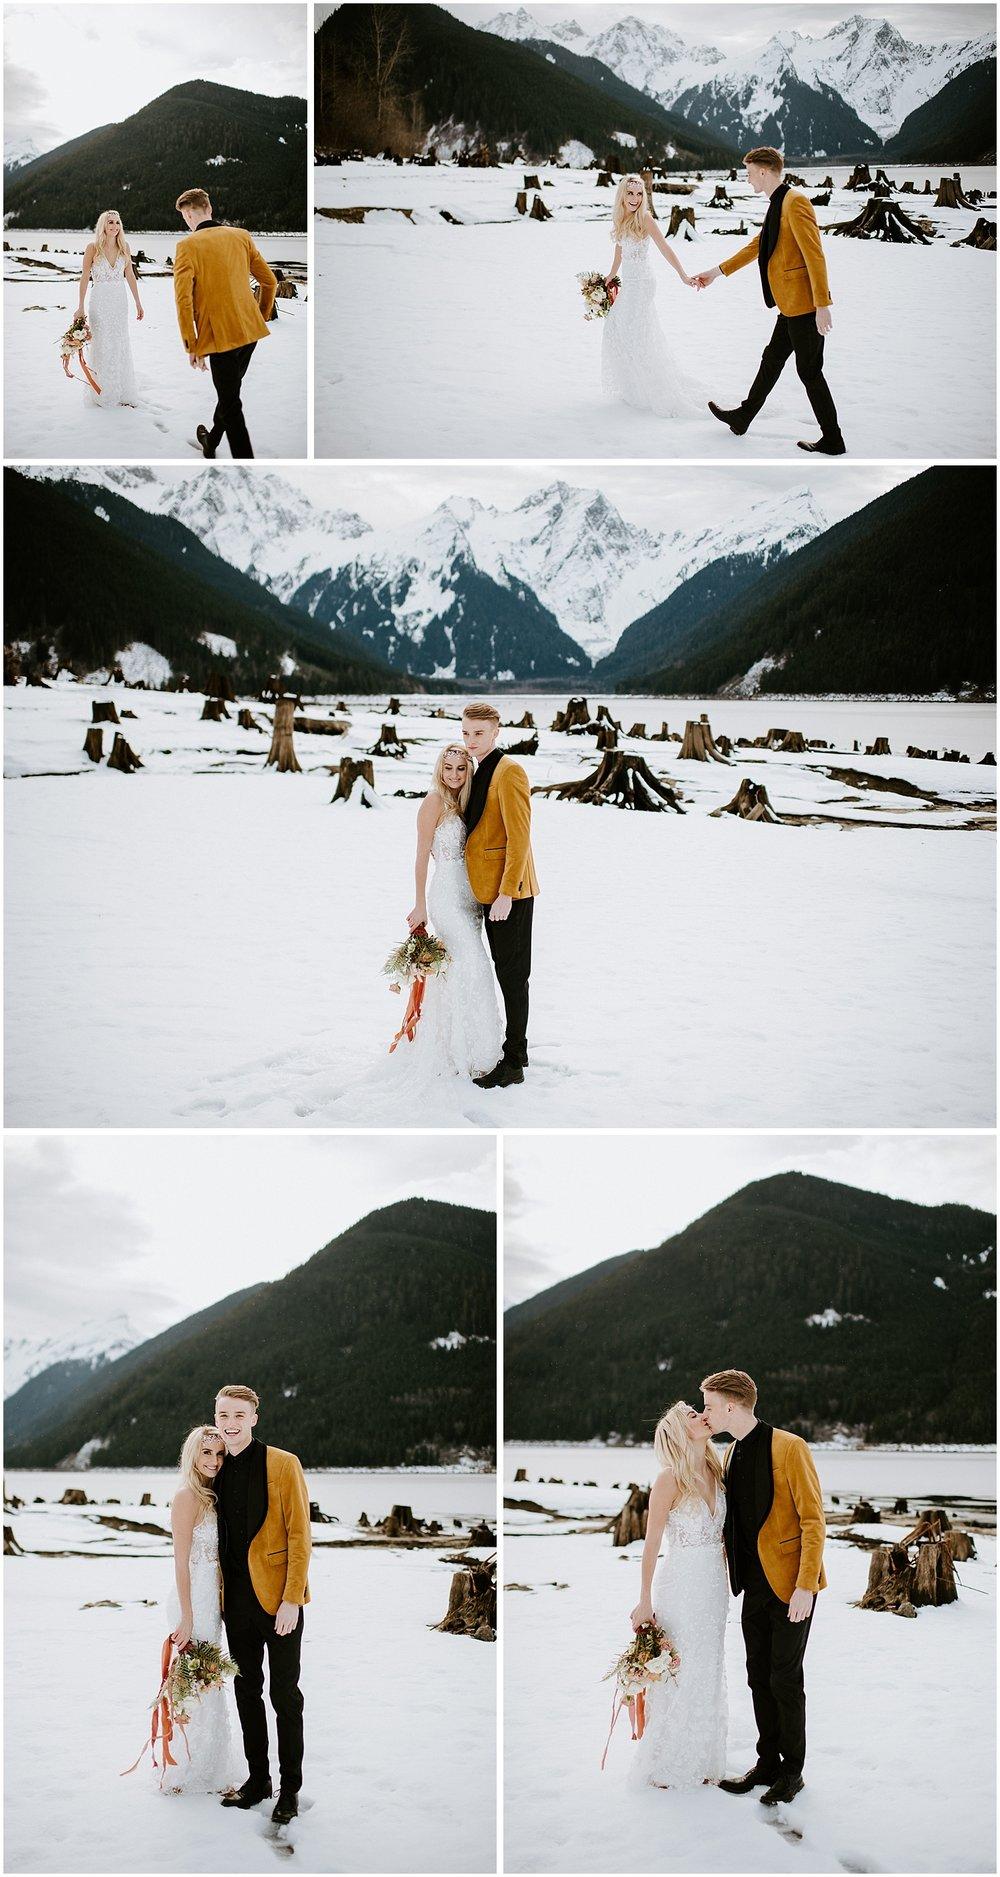 Jones_Lake_wedding_winter_elopement_vancouver_photographer_0247.jpg